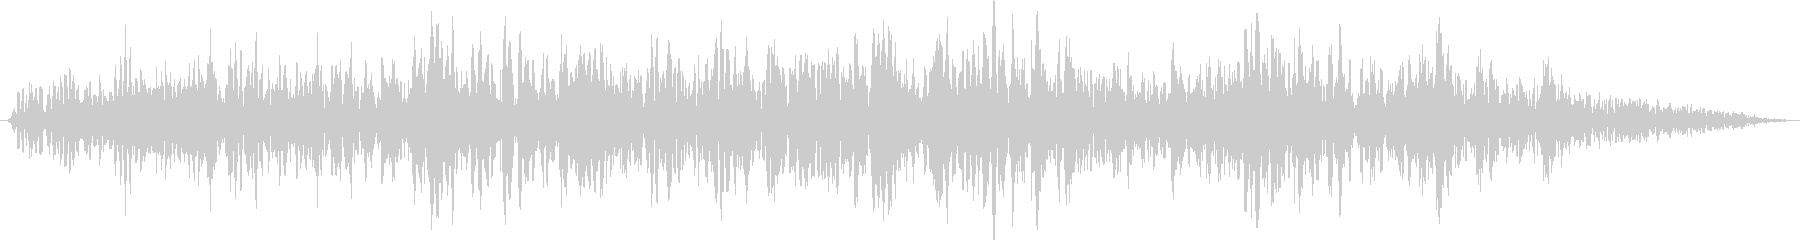 【ゴォ〜】地震、地響き、地鳴り 7の未再生の波形